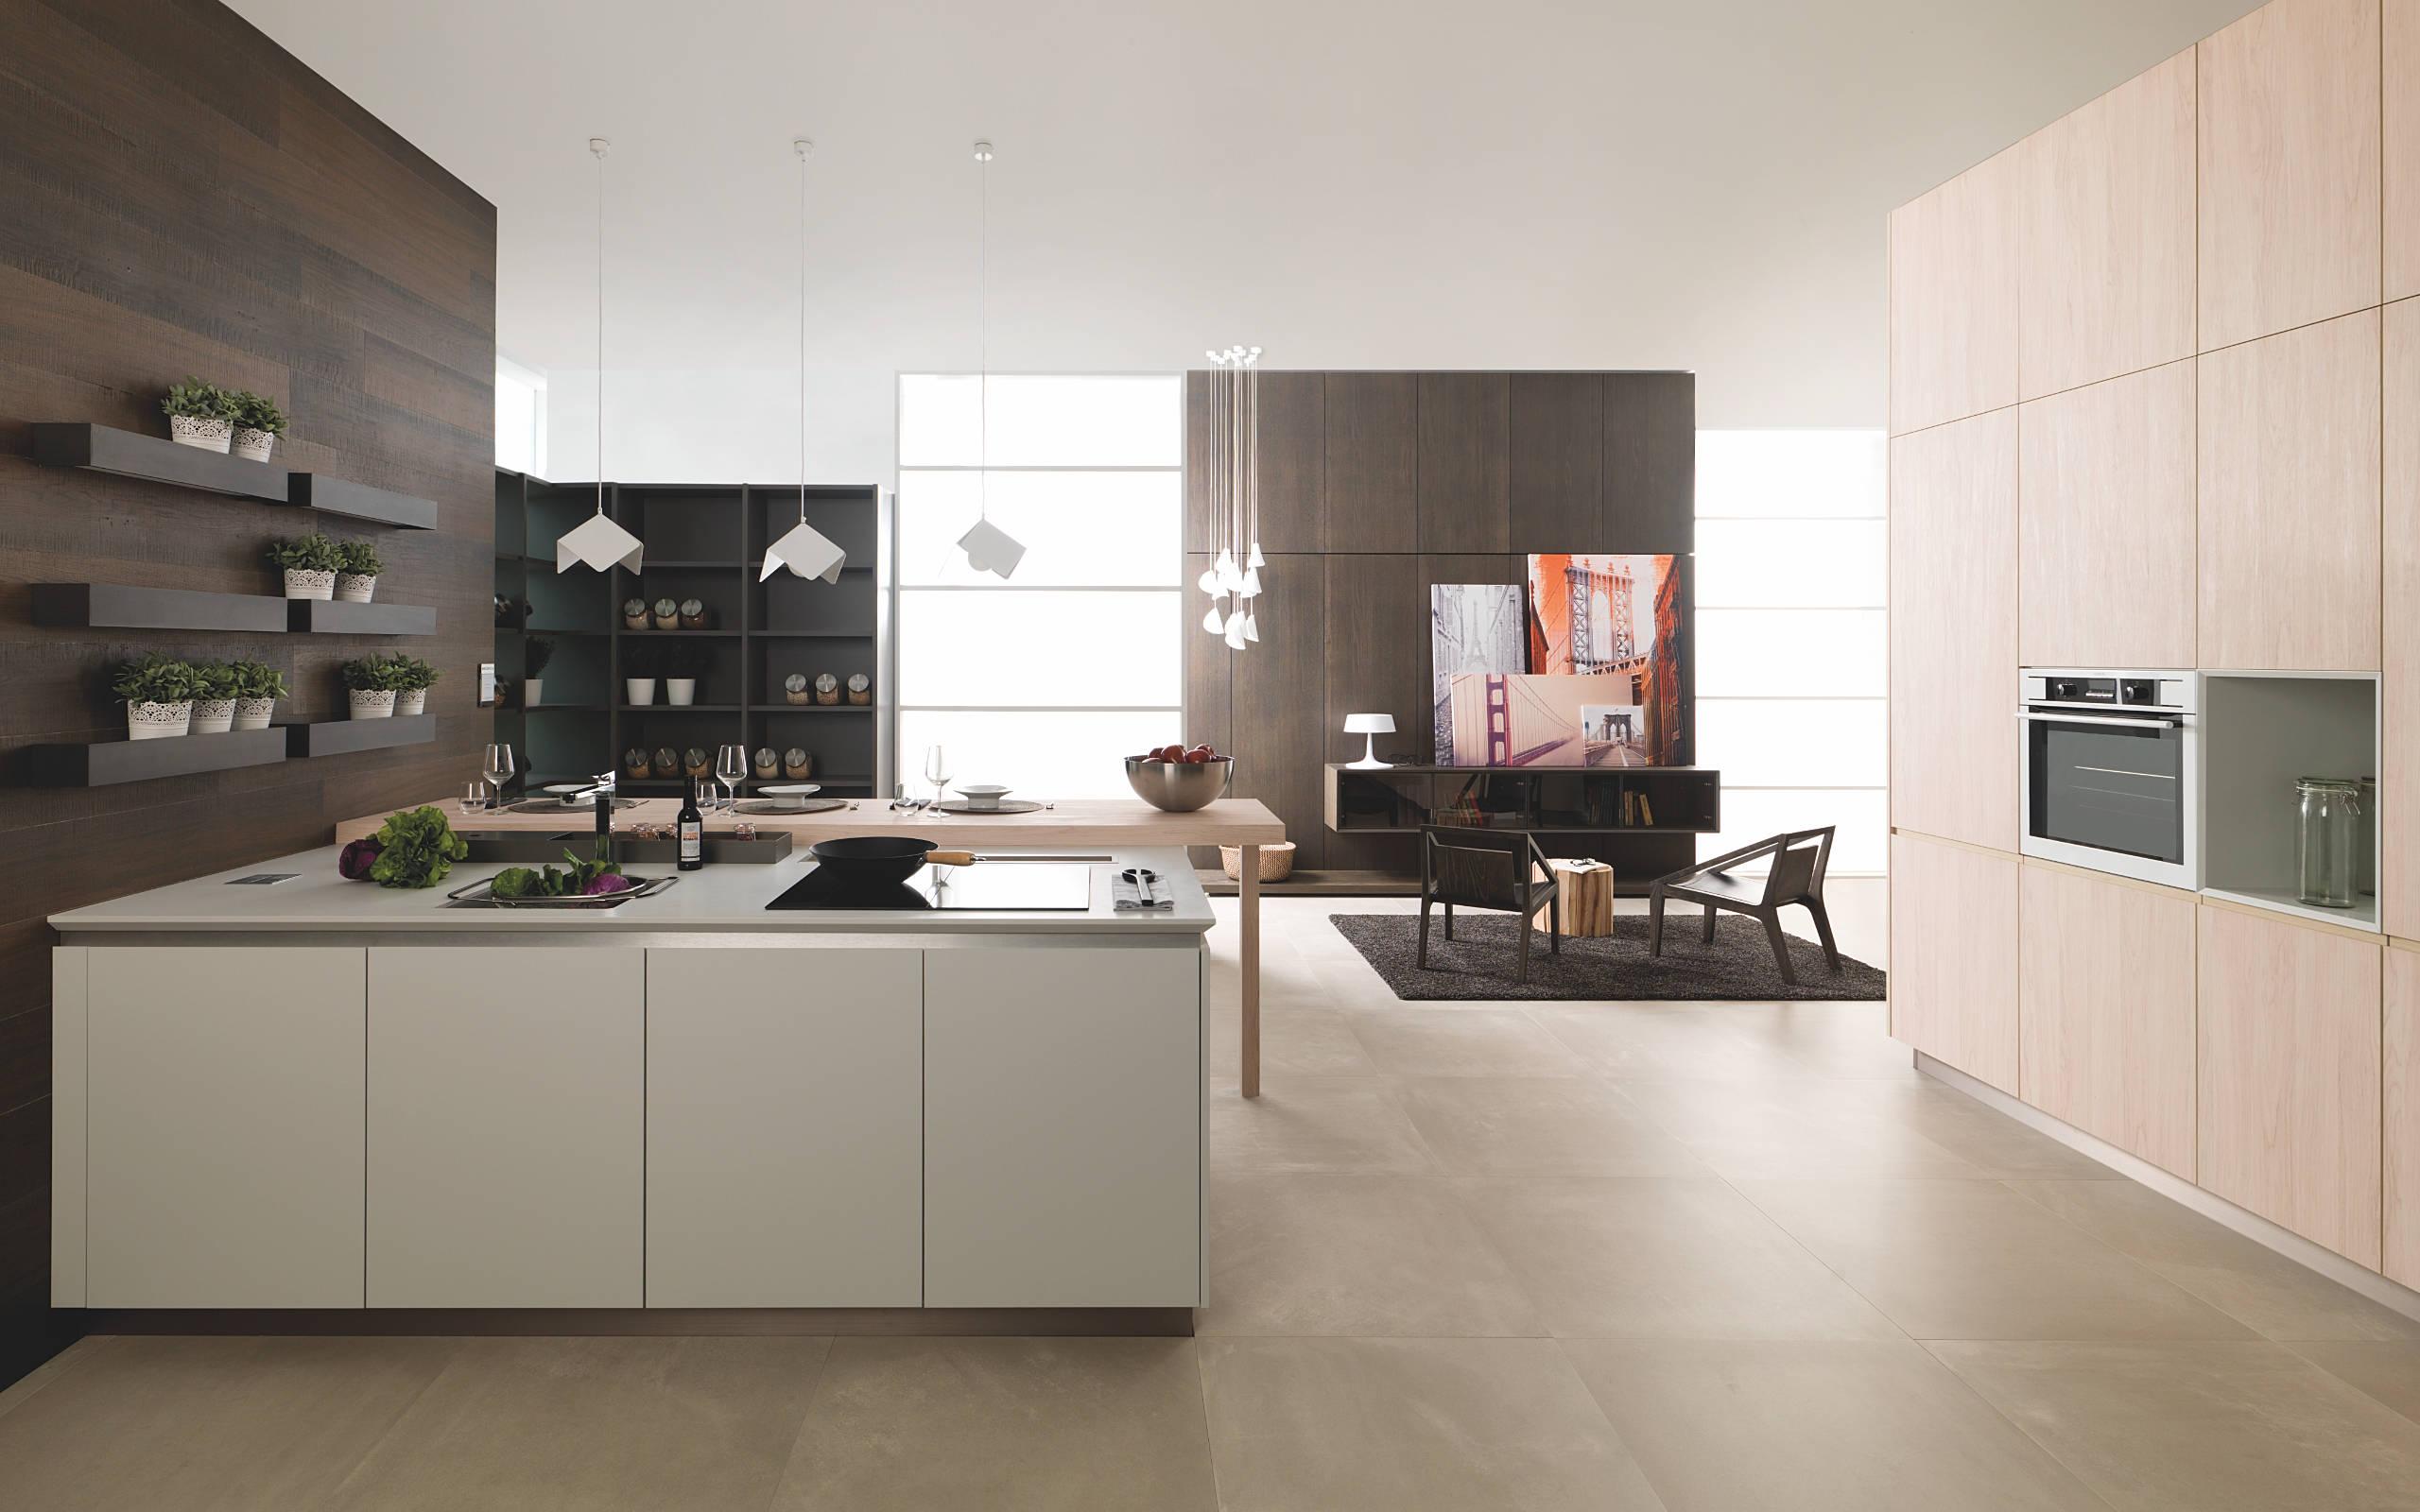 Cocinas residence minimalismo funcional y est tico for Configurador cocinas